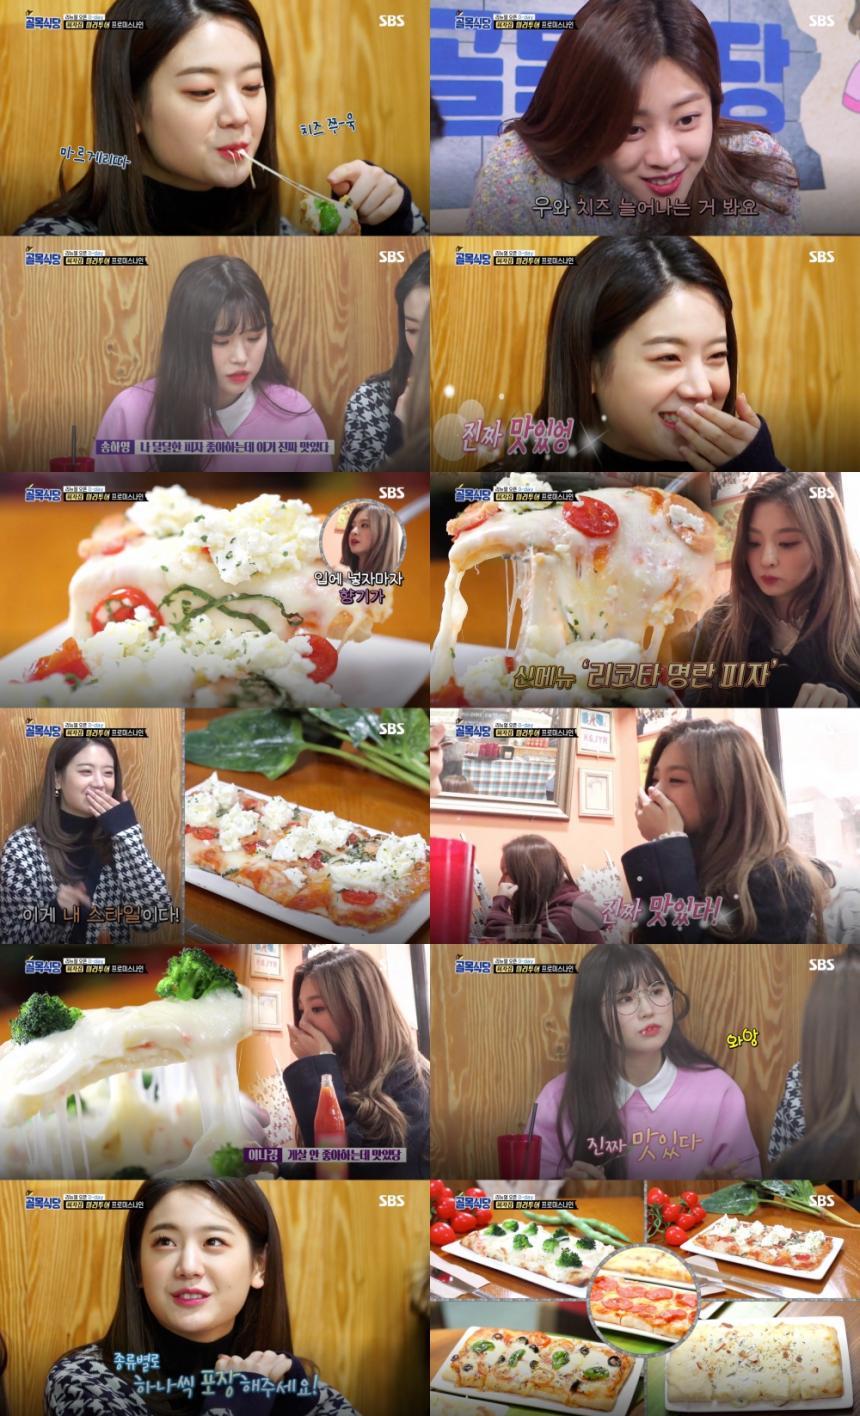 '백종원의 골목식당' 프로미스나인 이나경-장규리-송하영, 회기동 피자집 3시간 40분 웨이팅 '조보아도 감탄한 피자 비주얼'